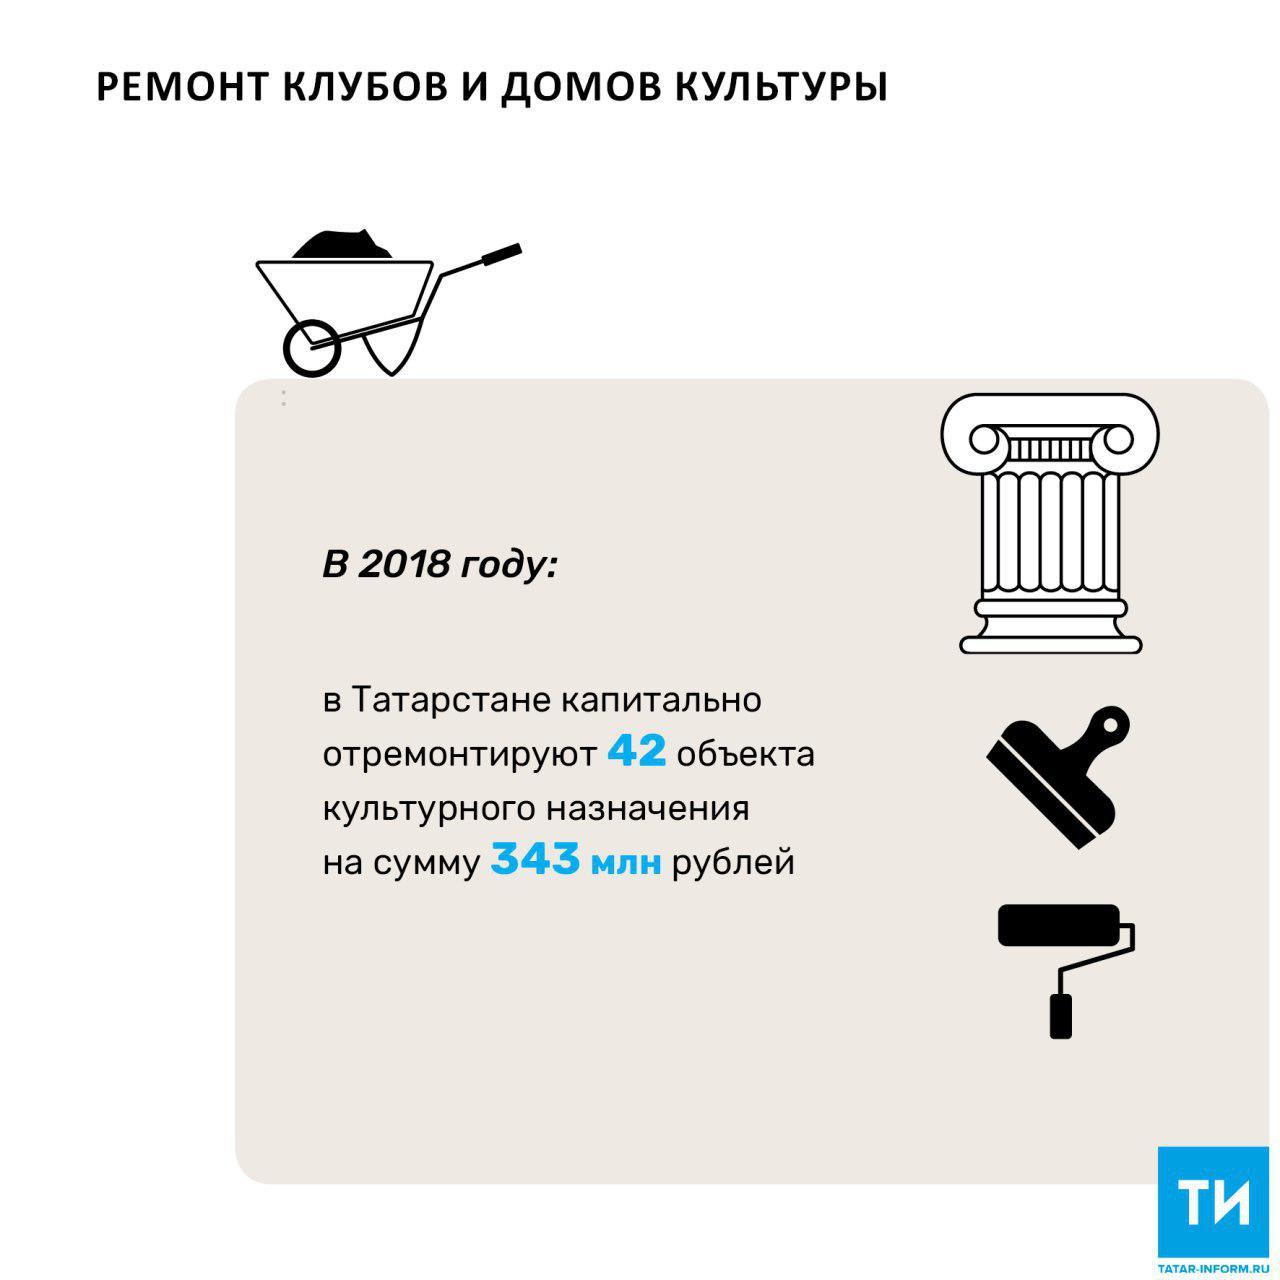 Накапремонт жилых домов вТатарстане истратят неменее 6 млрд руб.